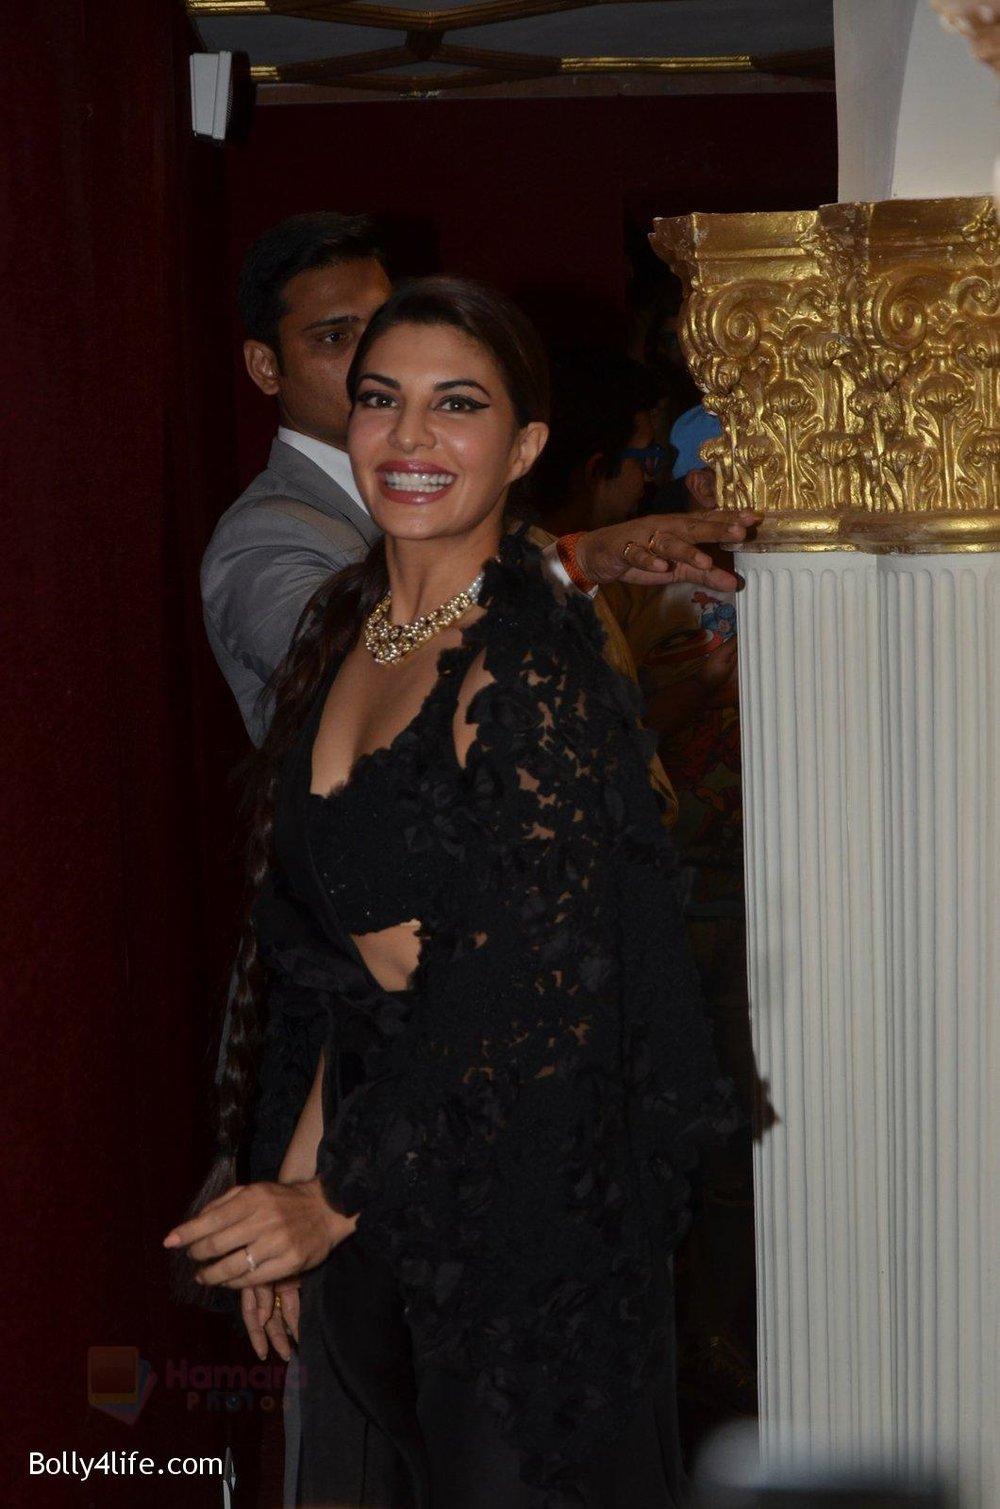 Jacqueline-Fernandez-at-MAMI-Film-Festival-2016-on-20th-Oct-2016-396.jpg